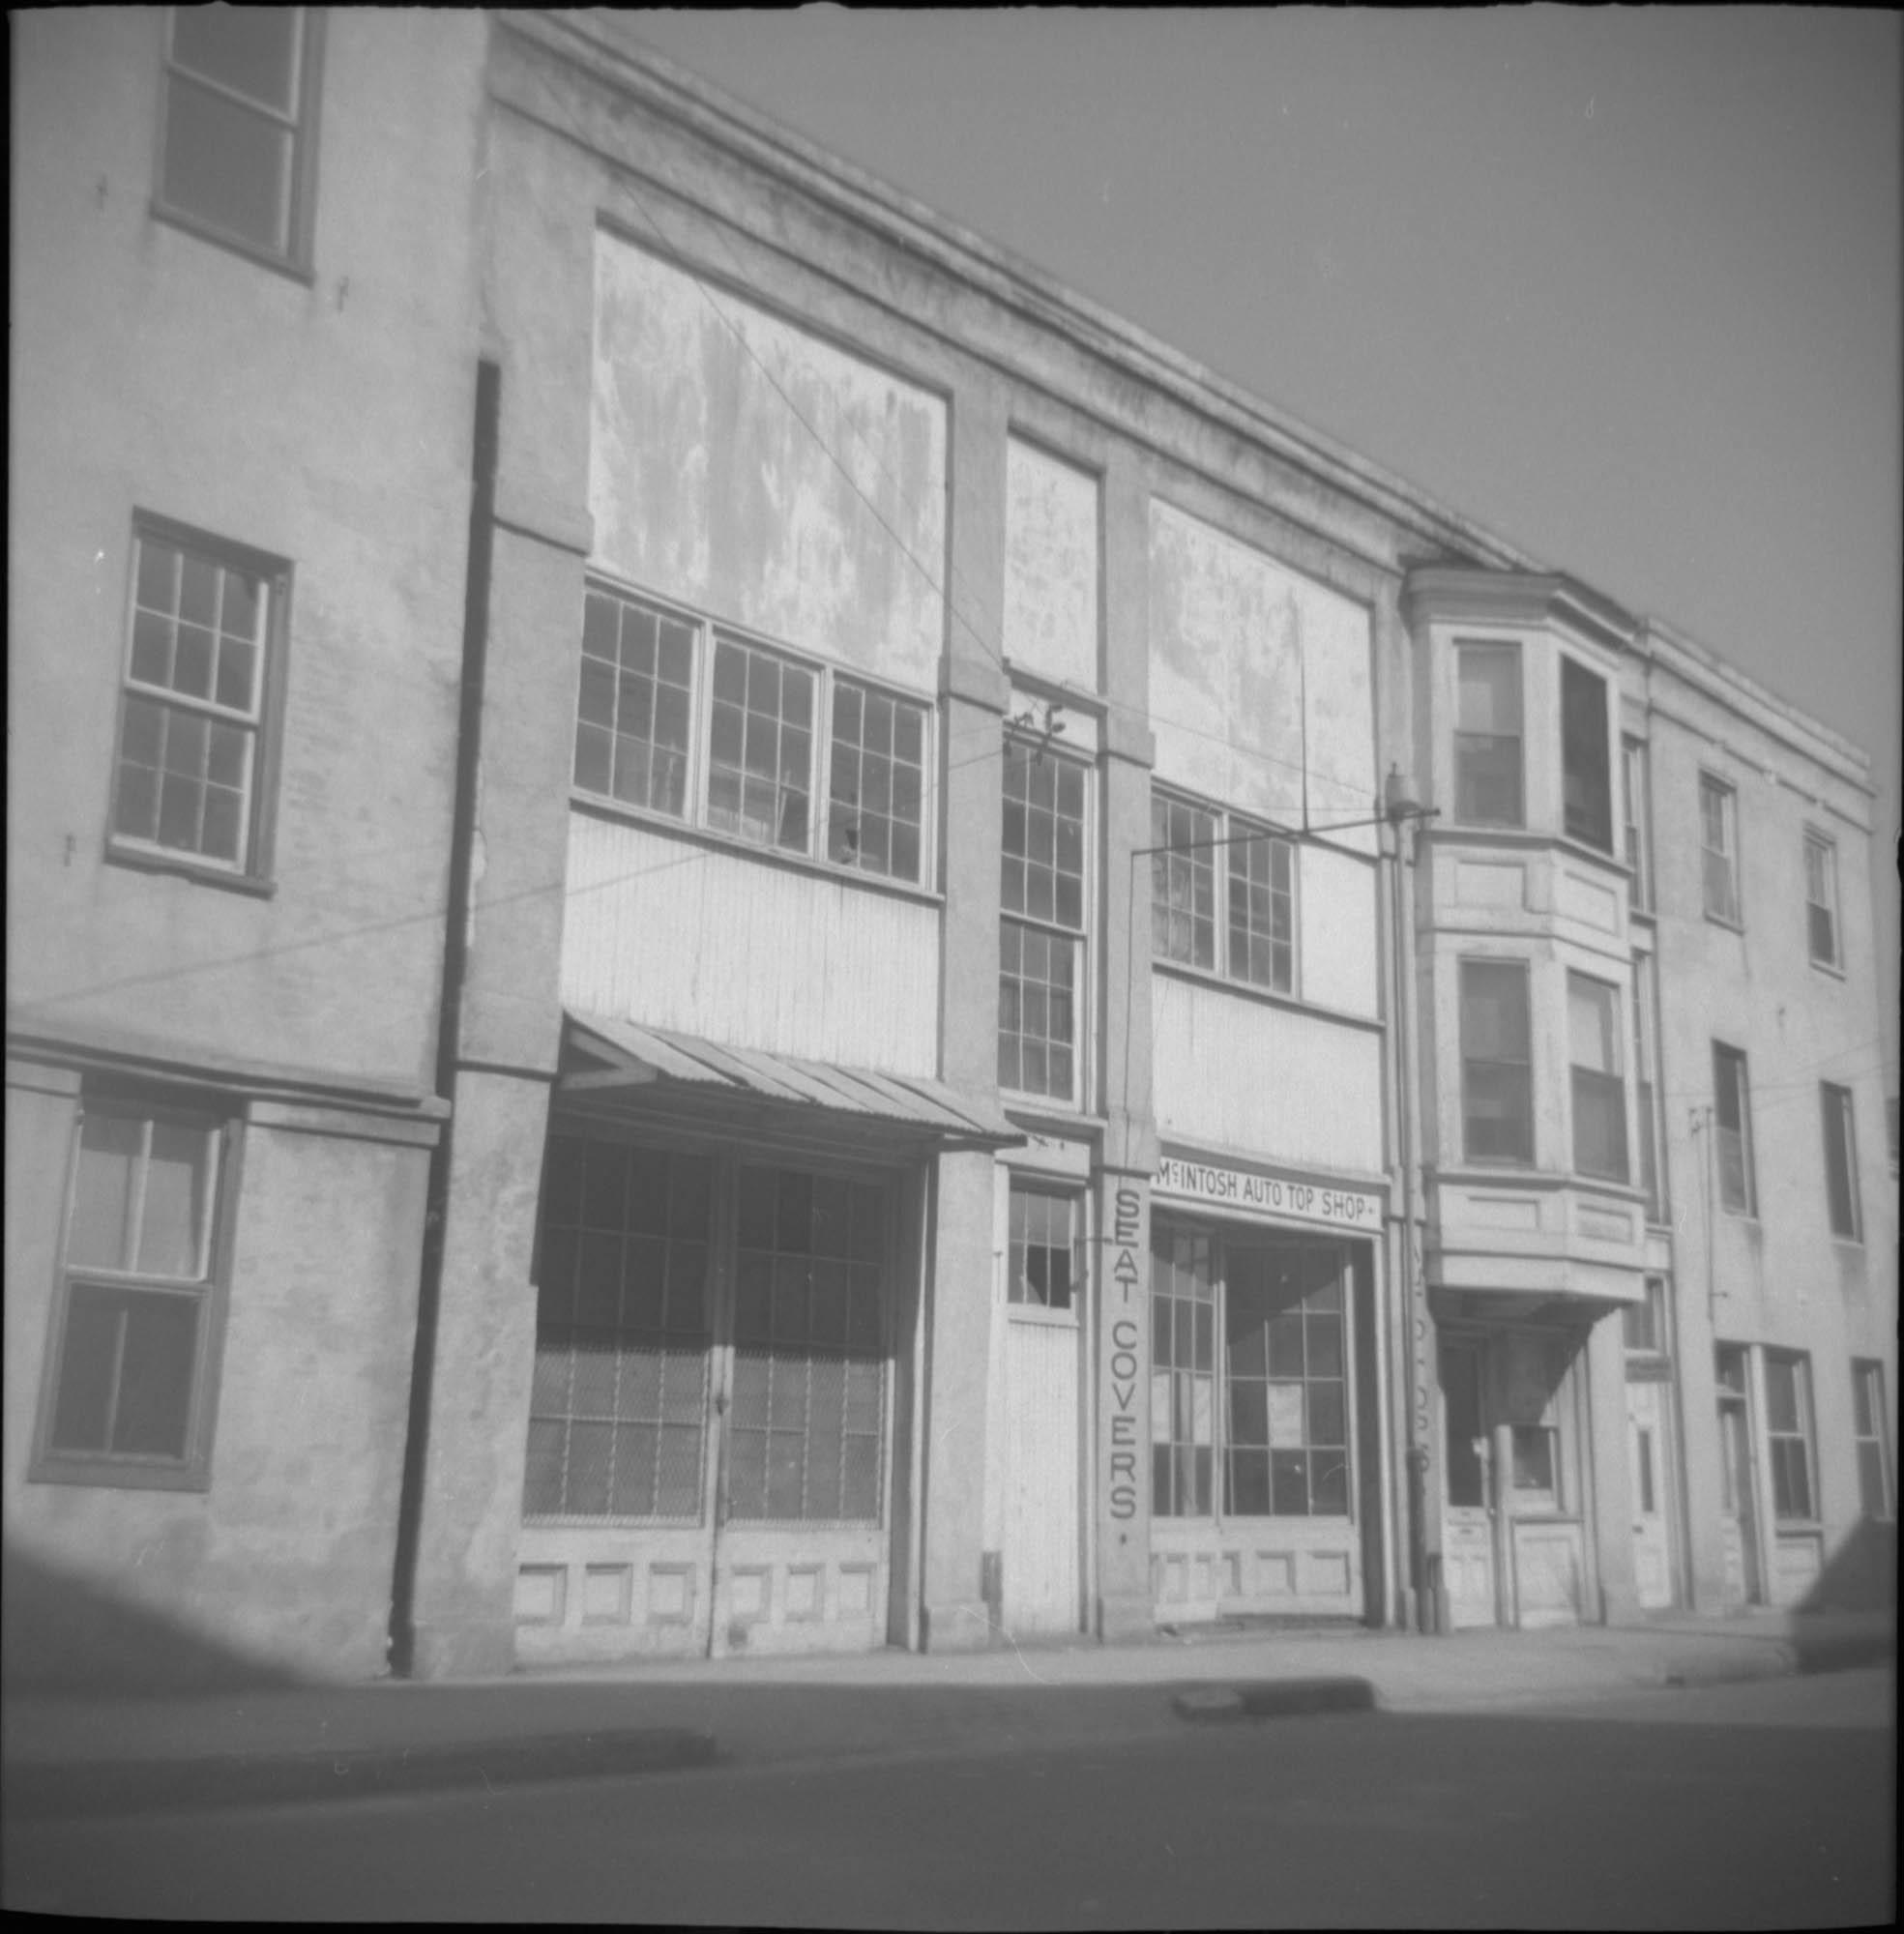 40 Wentworth Street